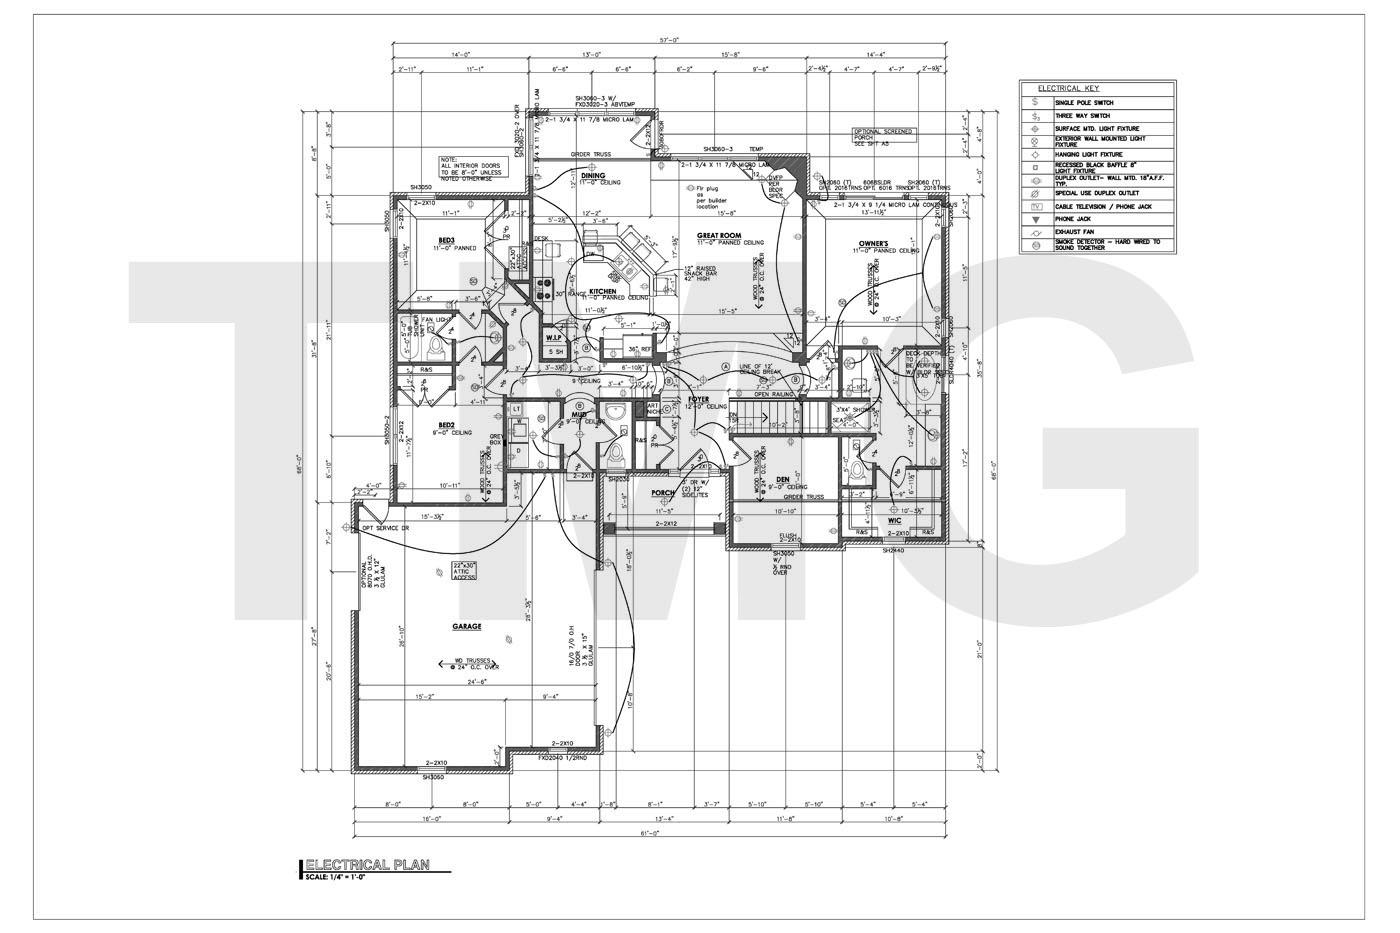 electrical plan sample drawing